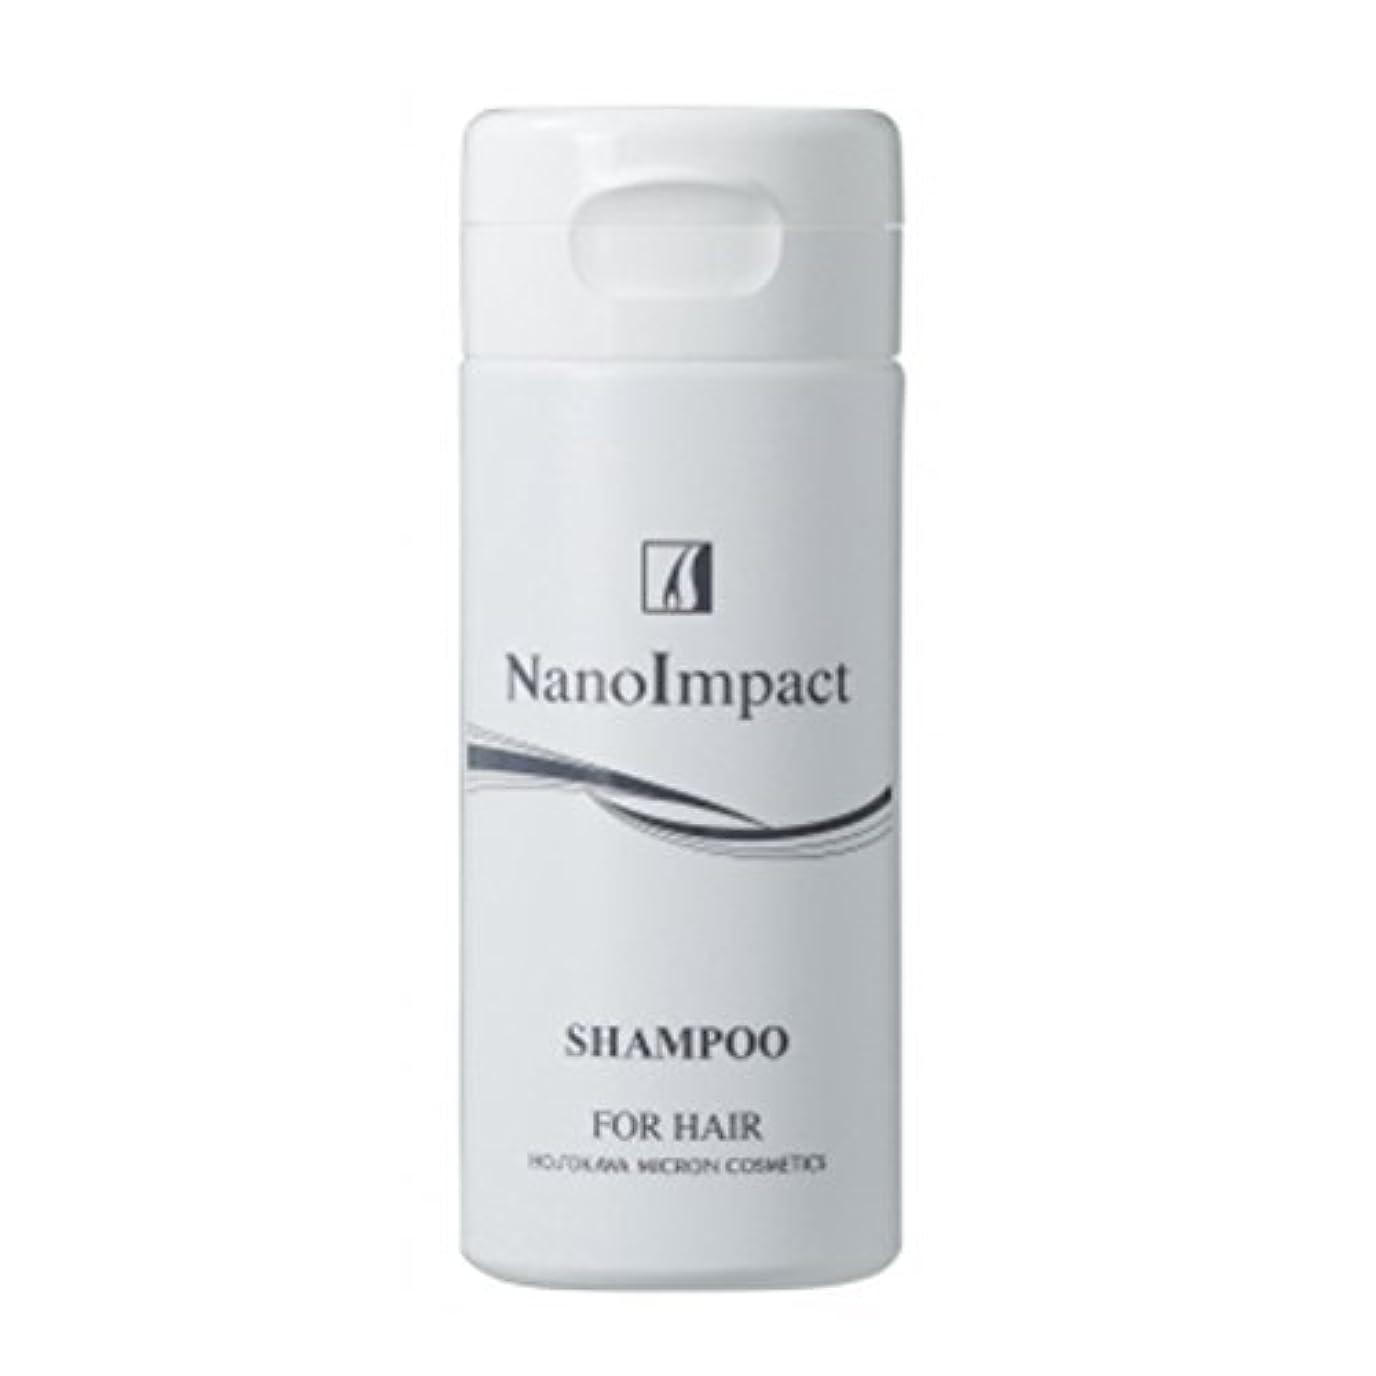 節約するバリー一方、ホソカワミクロン化粧品 薬用ナノインパクトシャンプー<150g> 【医薬部外品/薬用シャンプー】